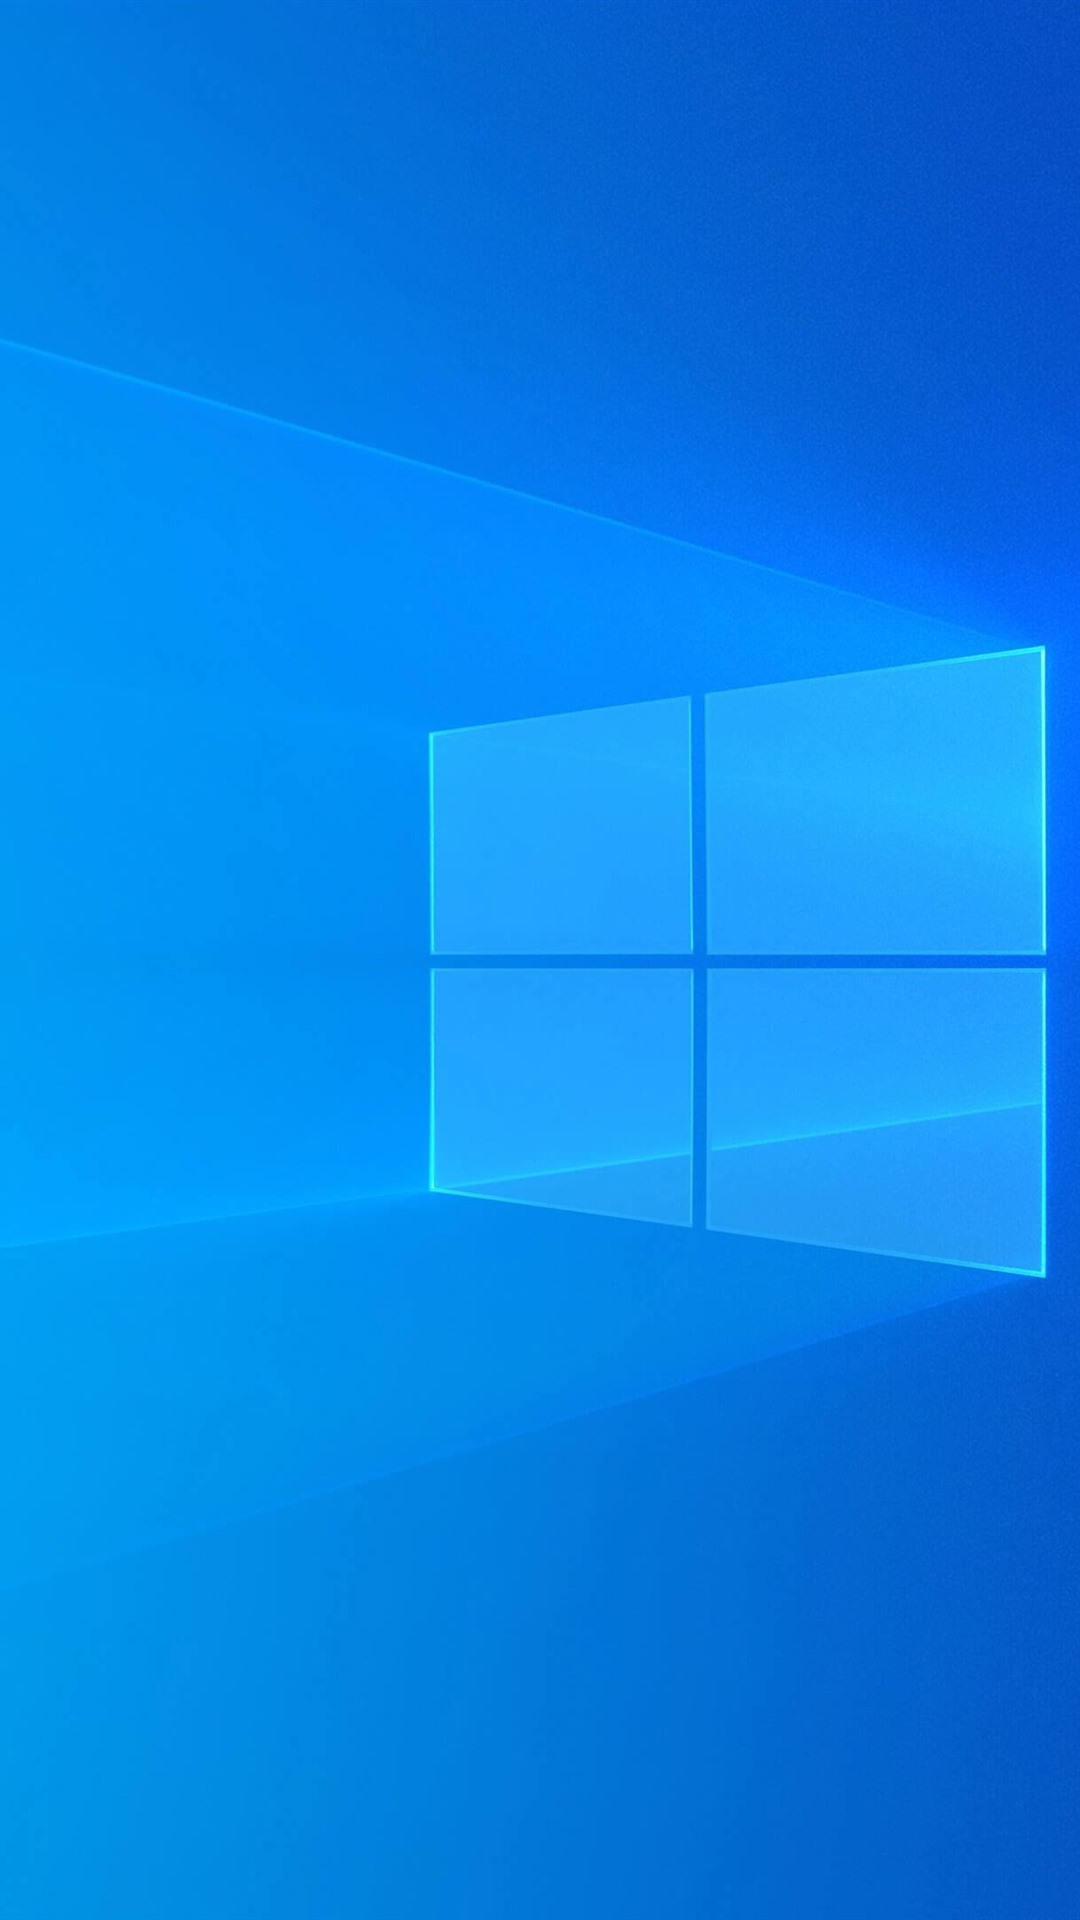 Windows 10 青色の背景 光 抽象的なデザイン 1080x19 Iphone 8 7 6 6s Plus 壁紙 背景 画像